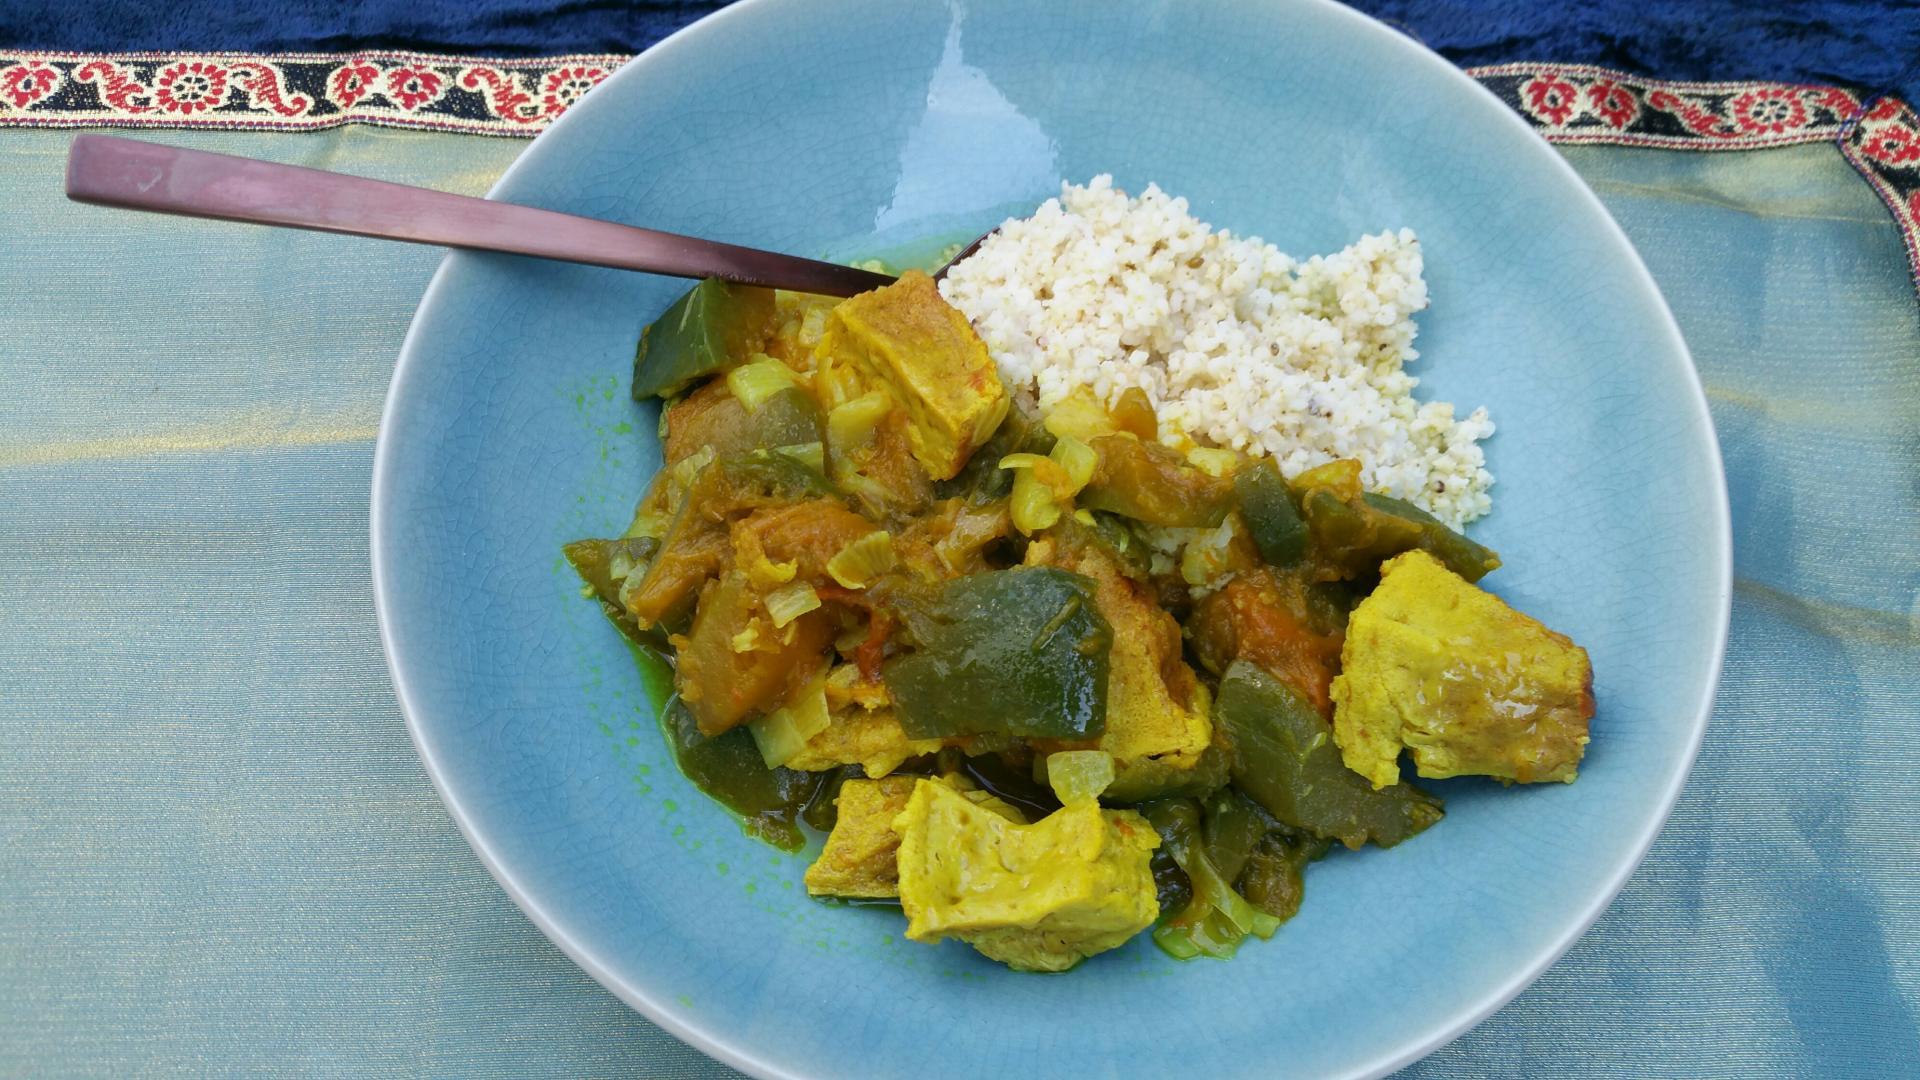 Uitgelichte foto voor het bericht Curry met groene pompoen en gepocheerd ei